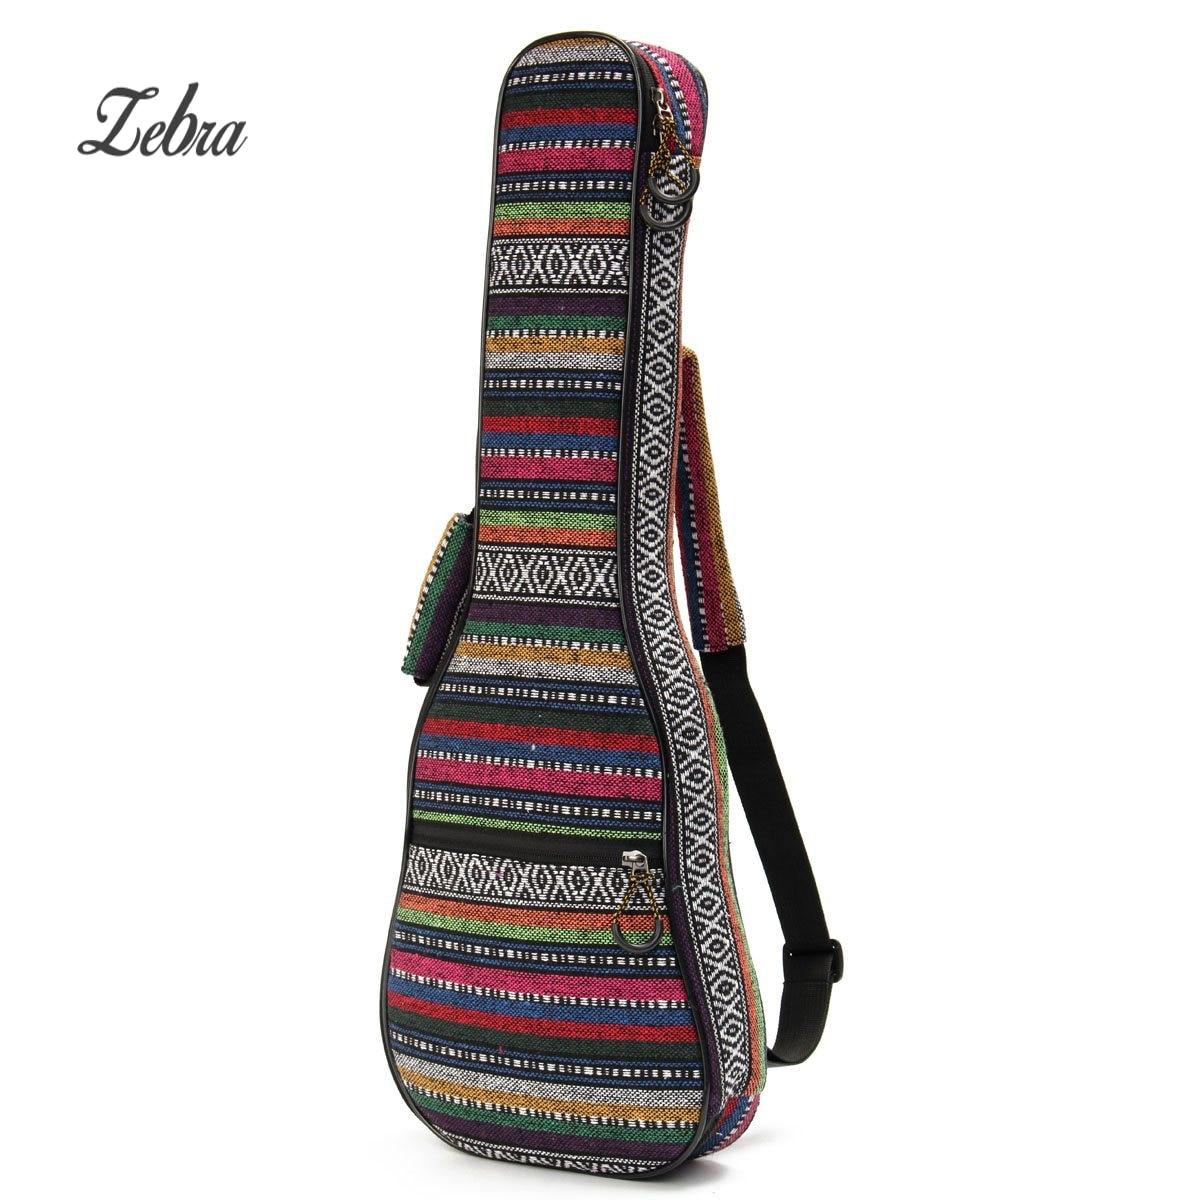 Zebra 23 inch Soft Padded Cotton Folk Style Portable Bag Case Cover Backpack Double Shoulder For Ukulele Guitar Gig Bag 21 inch colorful ukulele bag 10mm cotton soft case gig bag mini guitar ukelele backpack 2 colors optional